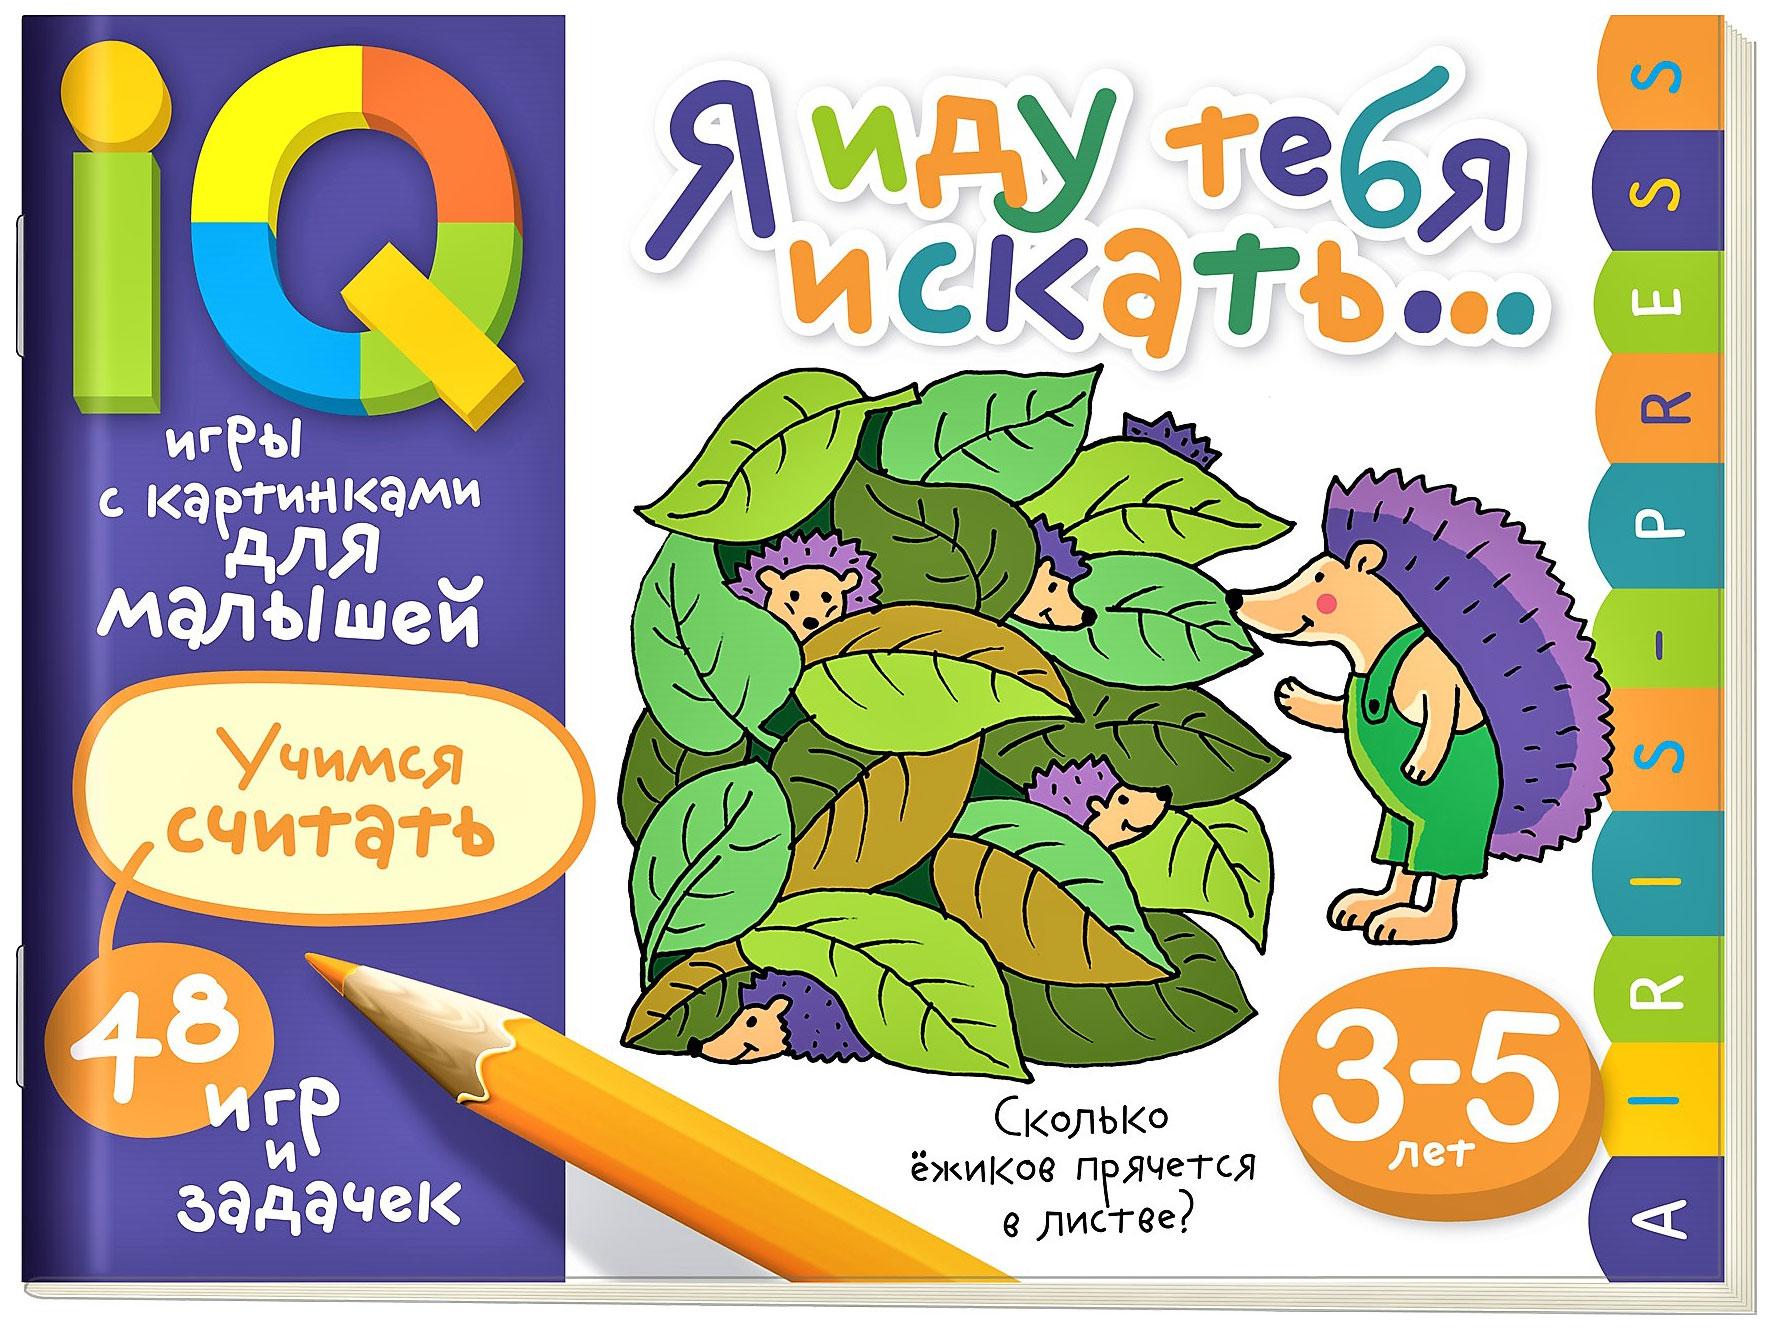 Книга Айрис-Пресс куликова Е. Умные Игры С картинками для Малышей Я Иду тебя Искать